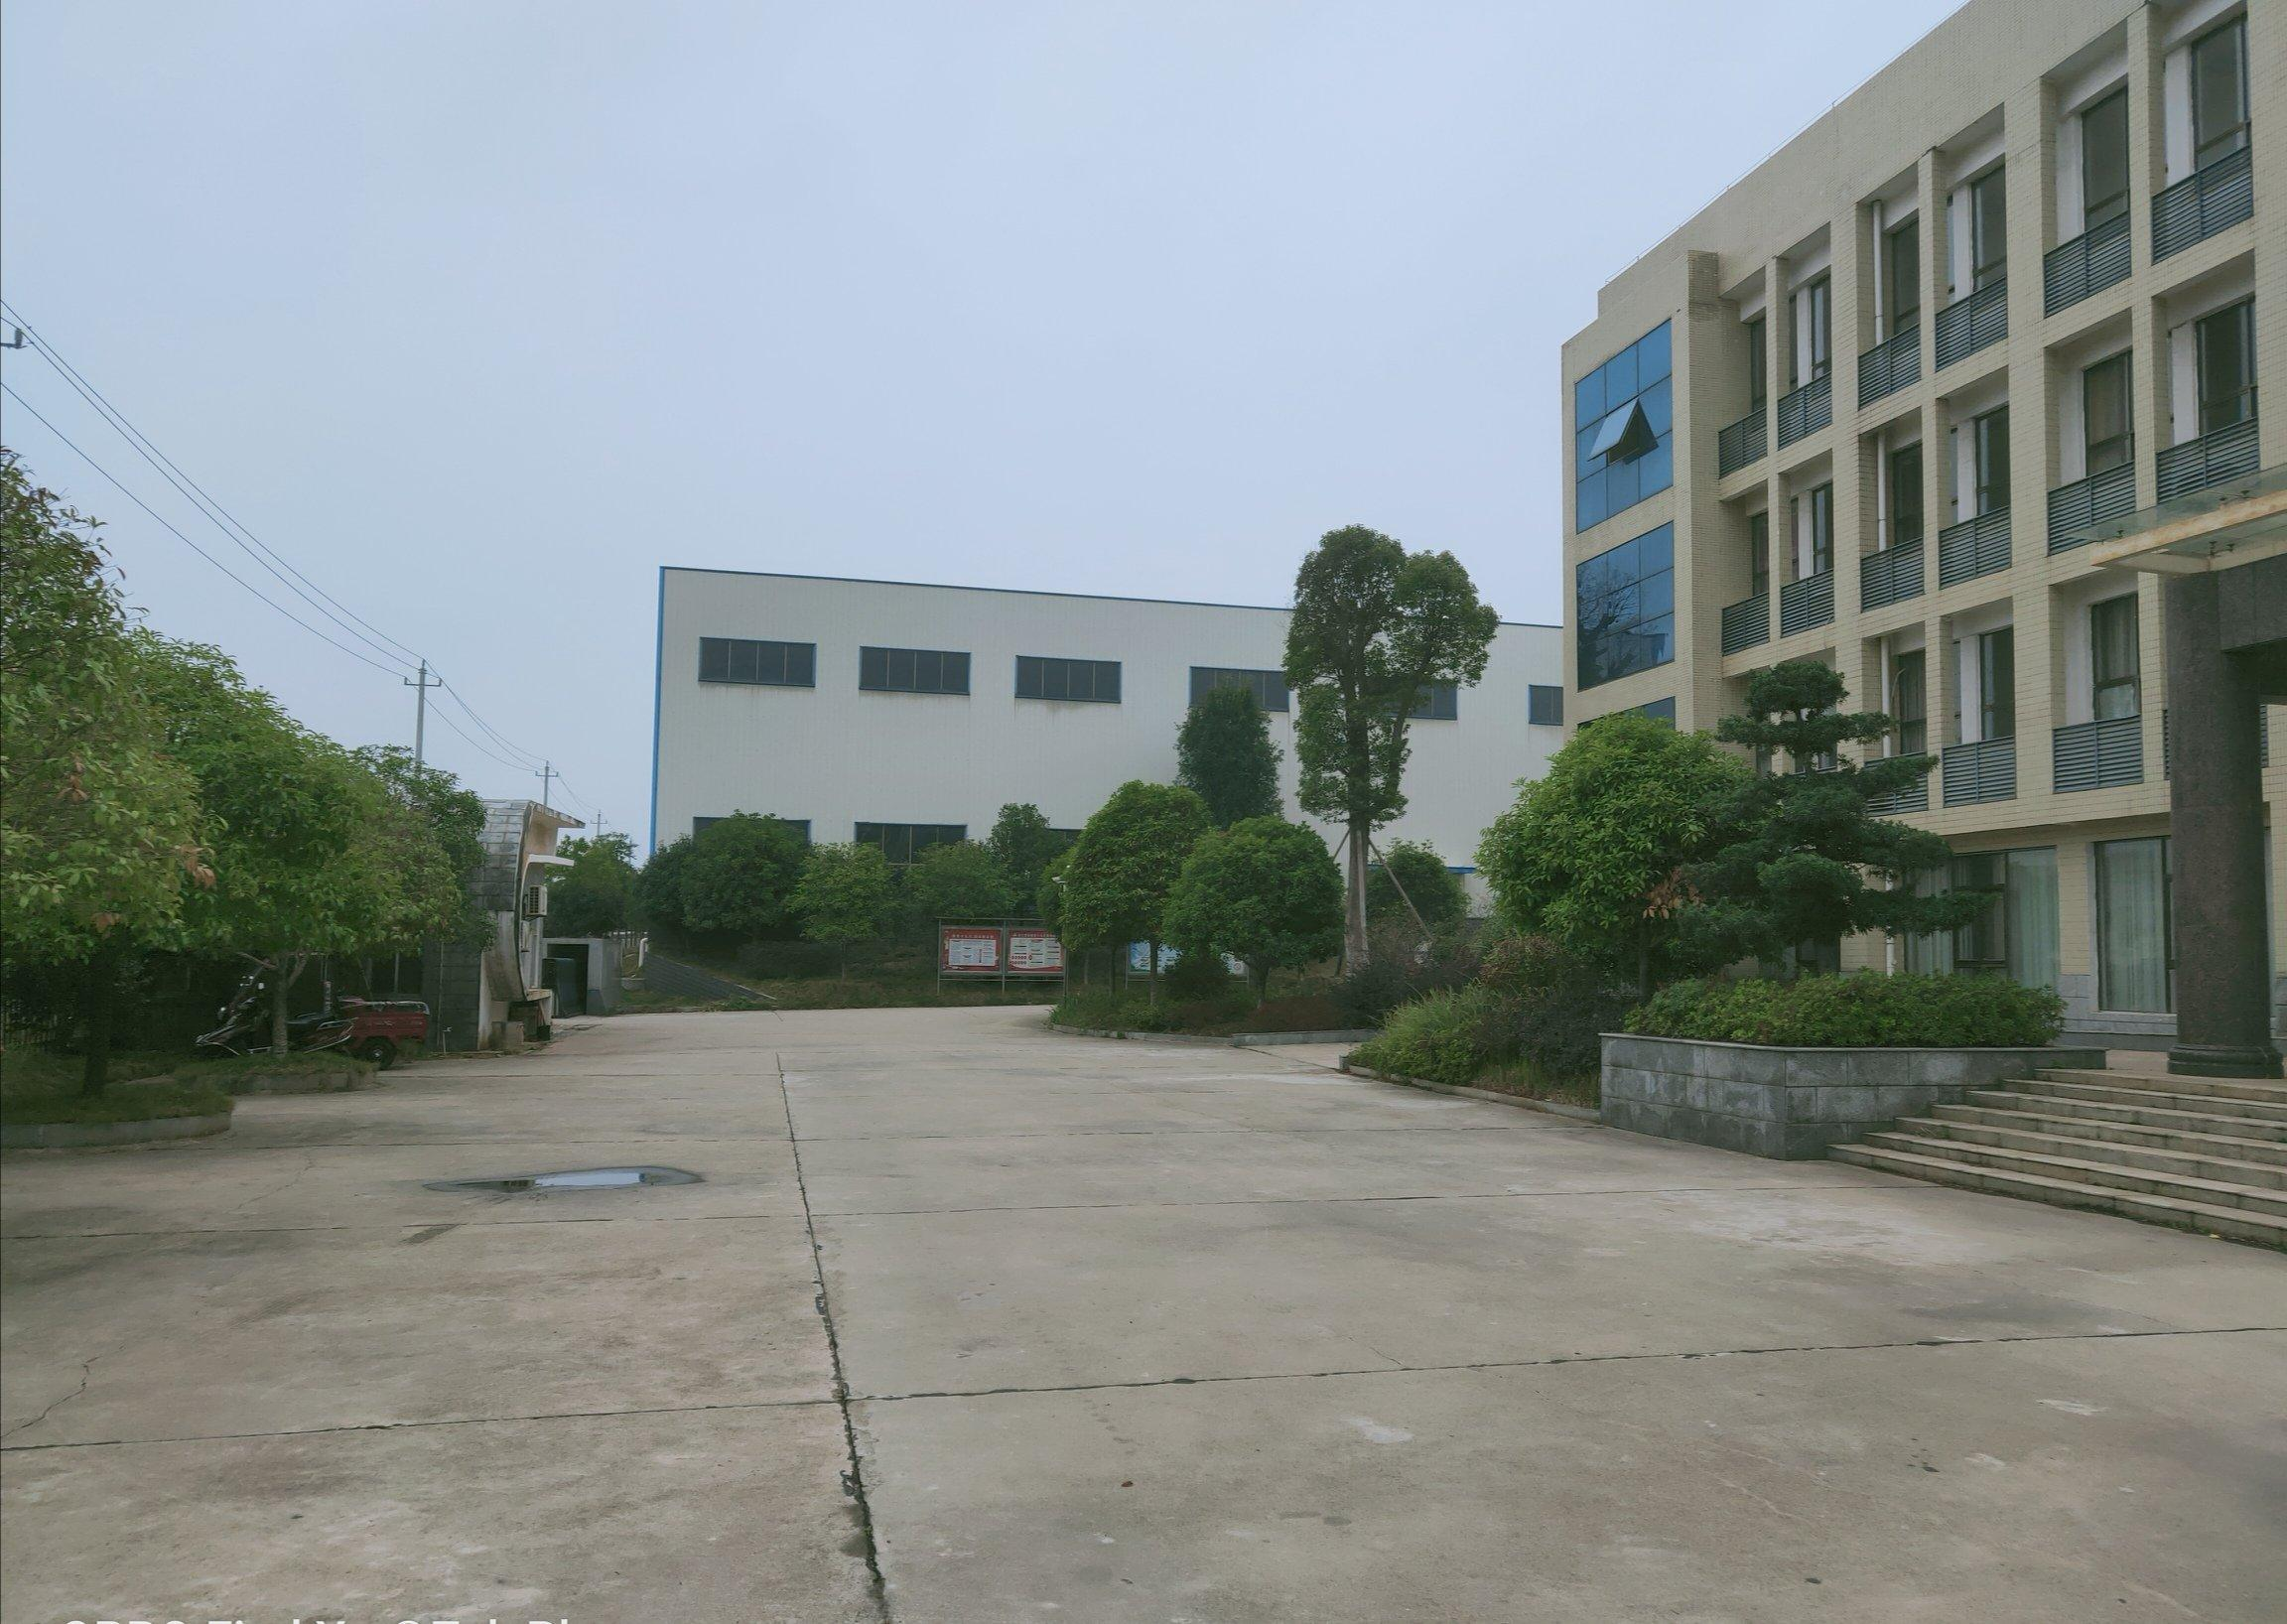 高速口旁独门独院61亩带1.6万平方厂房办公楼宿舍楼整体出售-图4